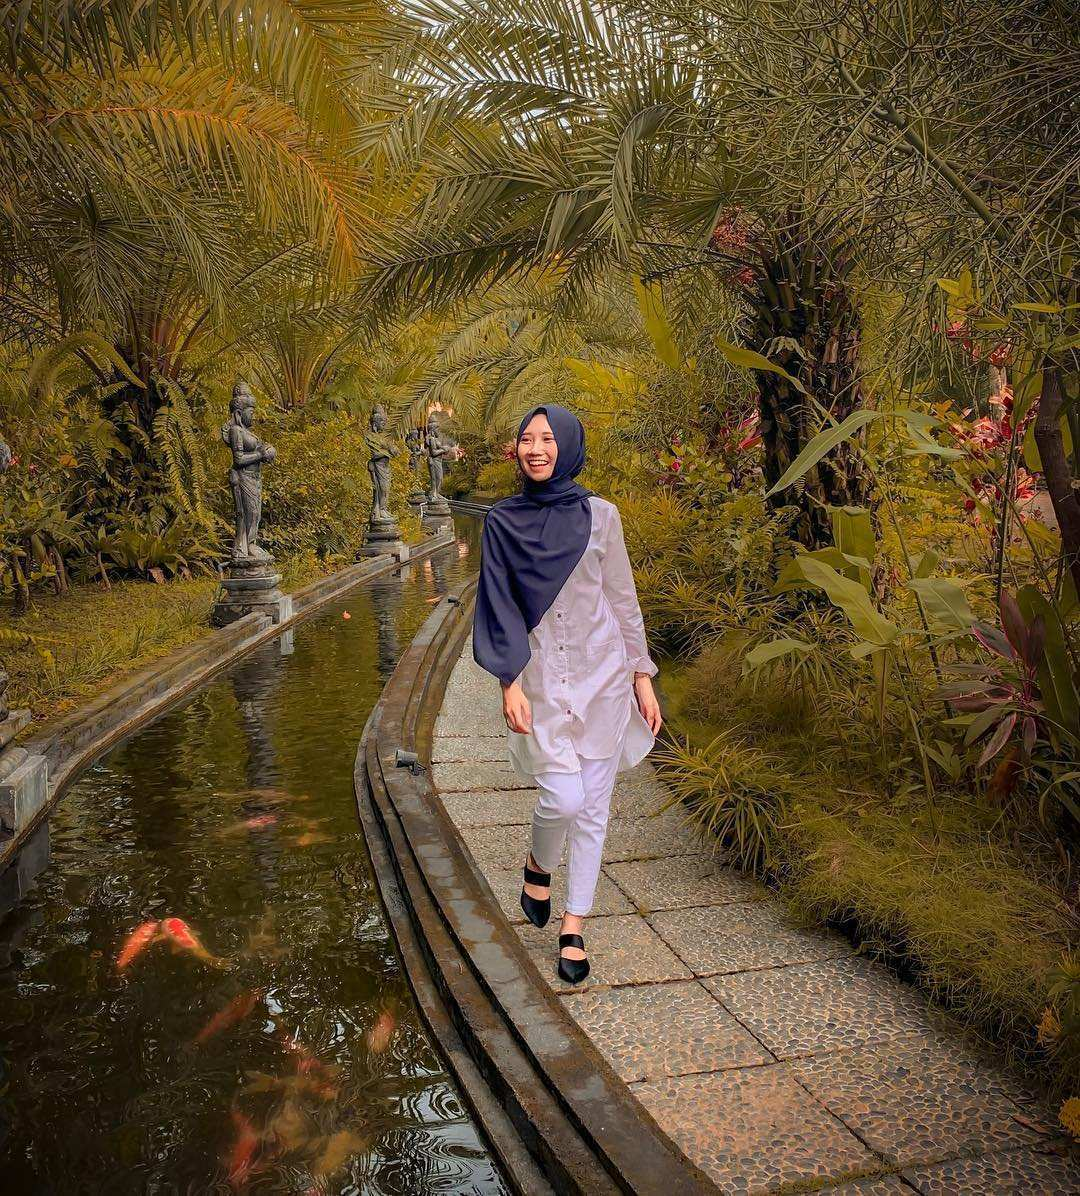 Pemandangan Kolam ikan di Lembah Tumpang Malang, Images From @maymaya13